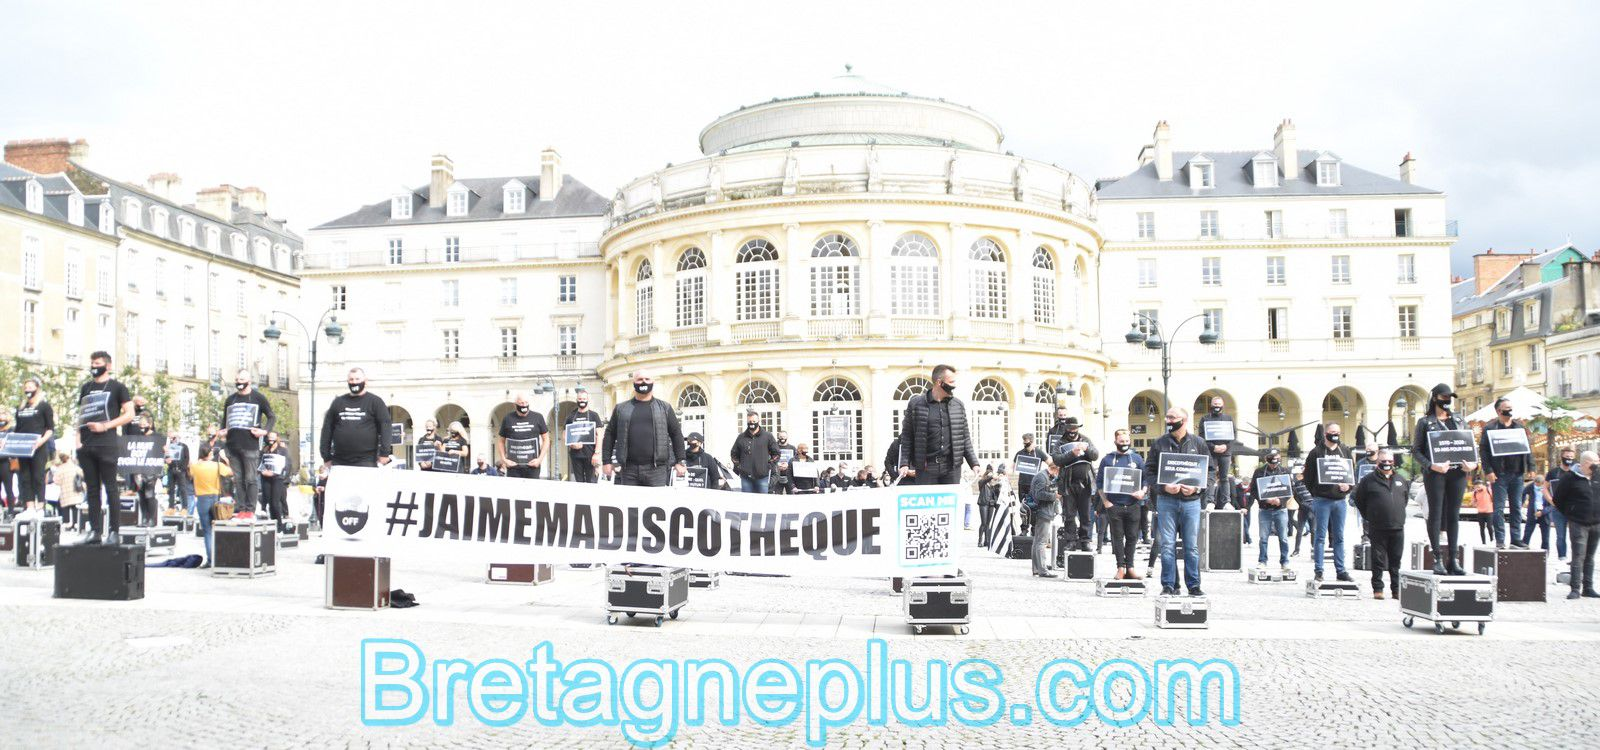 Rassemblement en silence, des patrons de discothèques, à Rennes